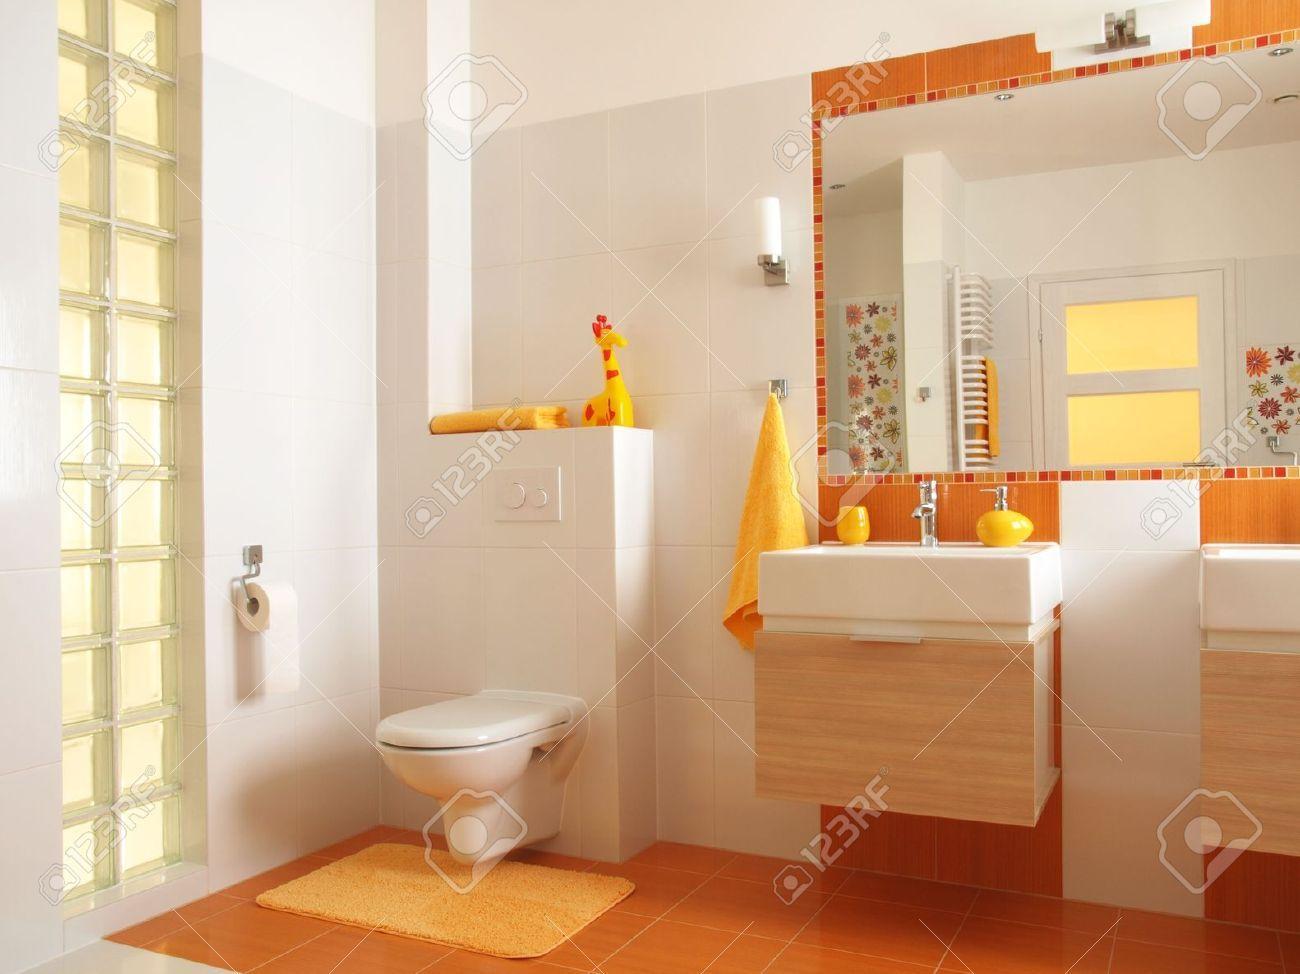 Afbeeldingsresultaat voor oranje badkamer - badkamer | Pinterest ...